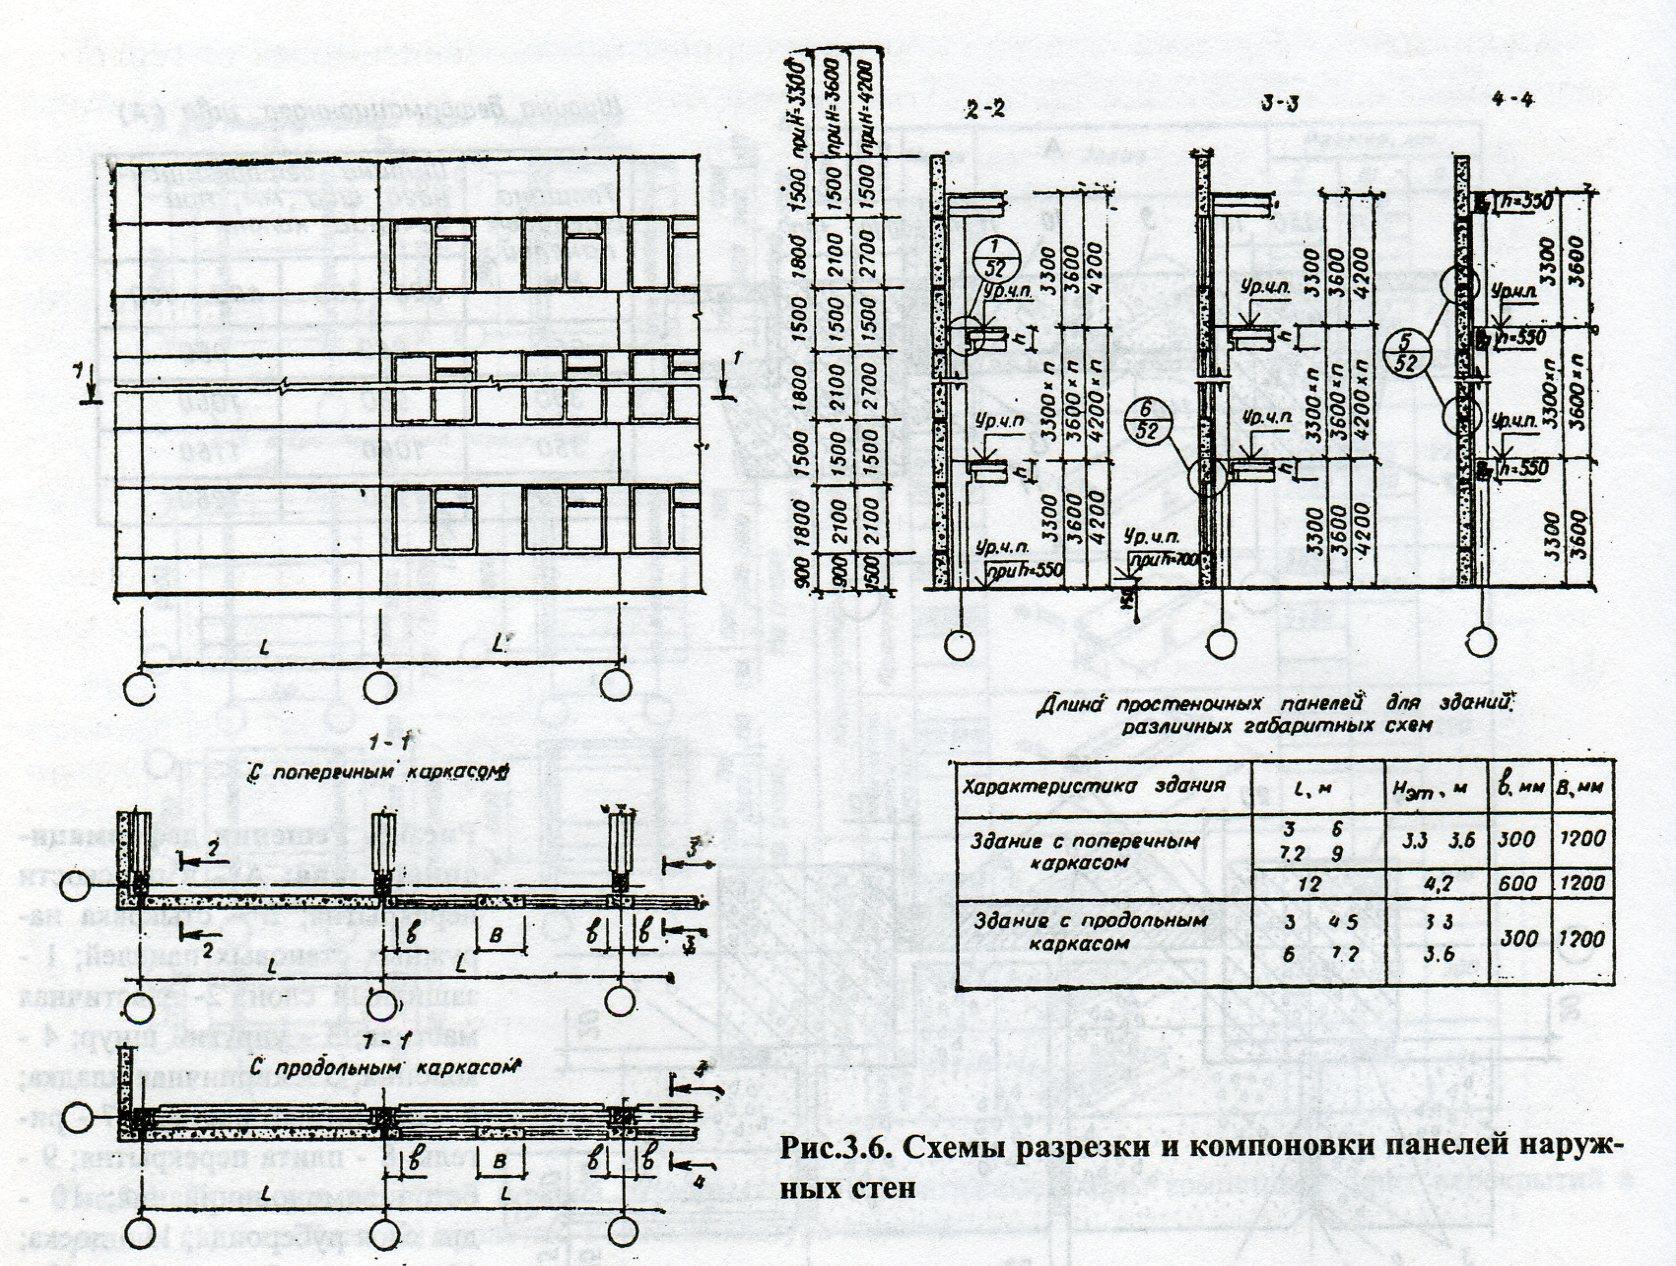 план схема монтажа панельного здания